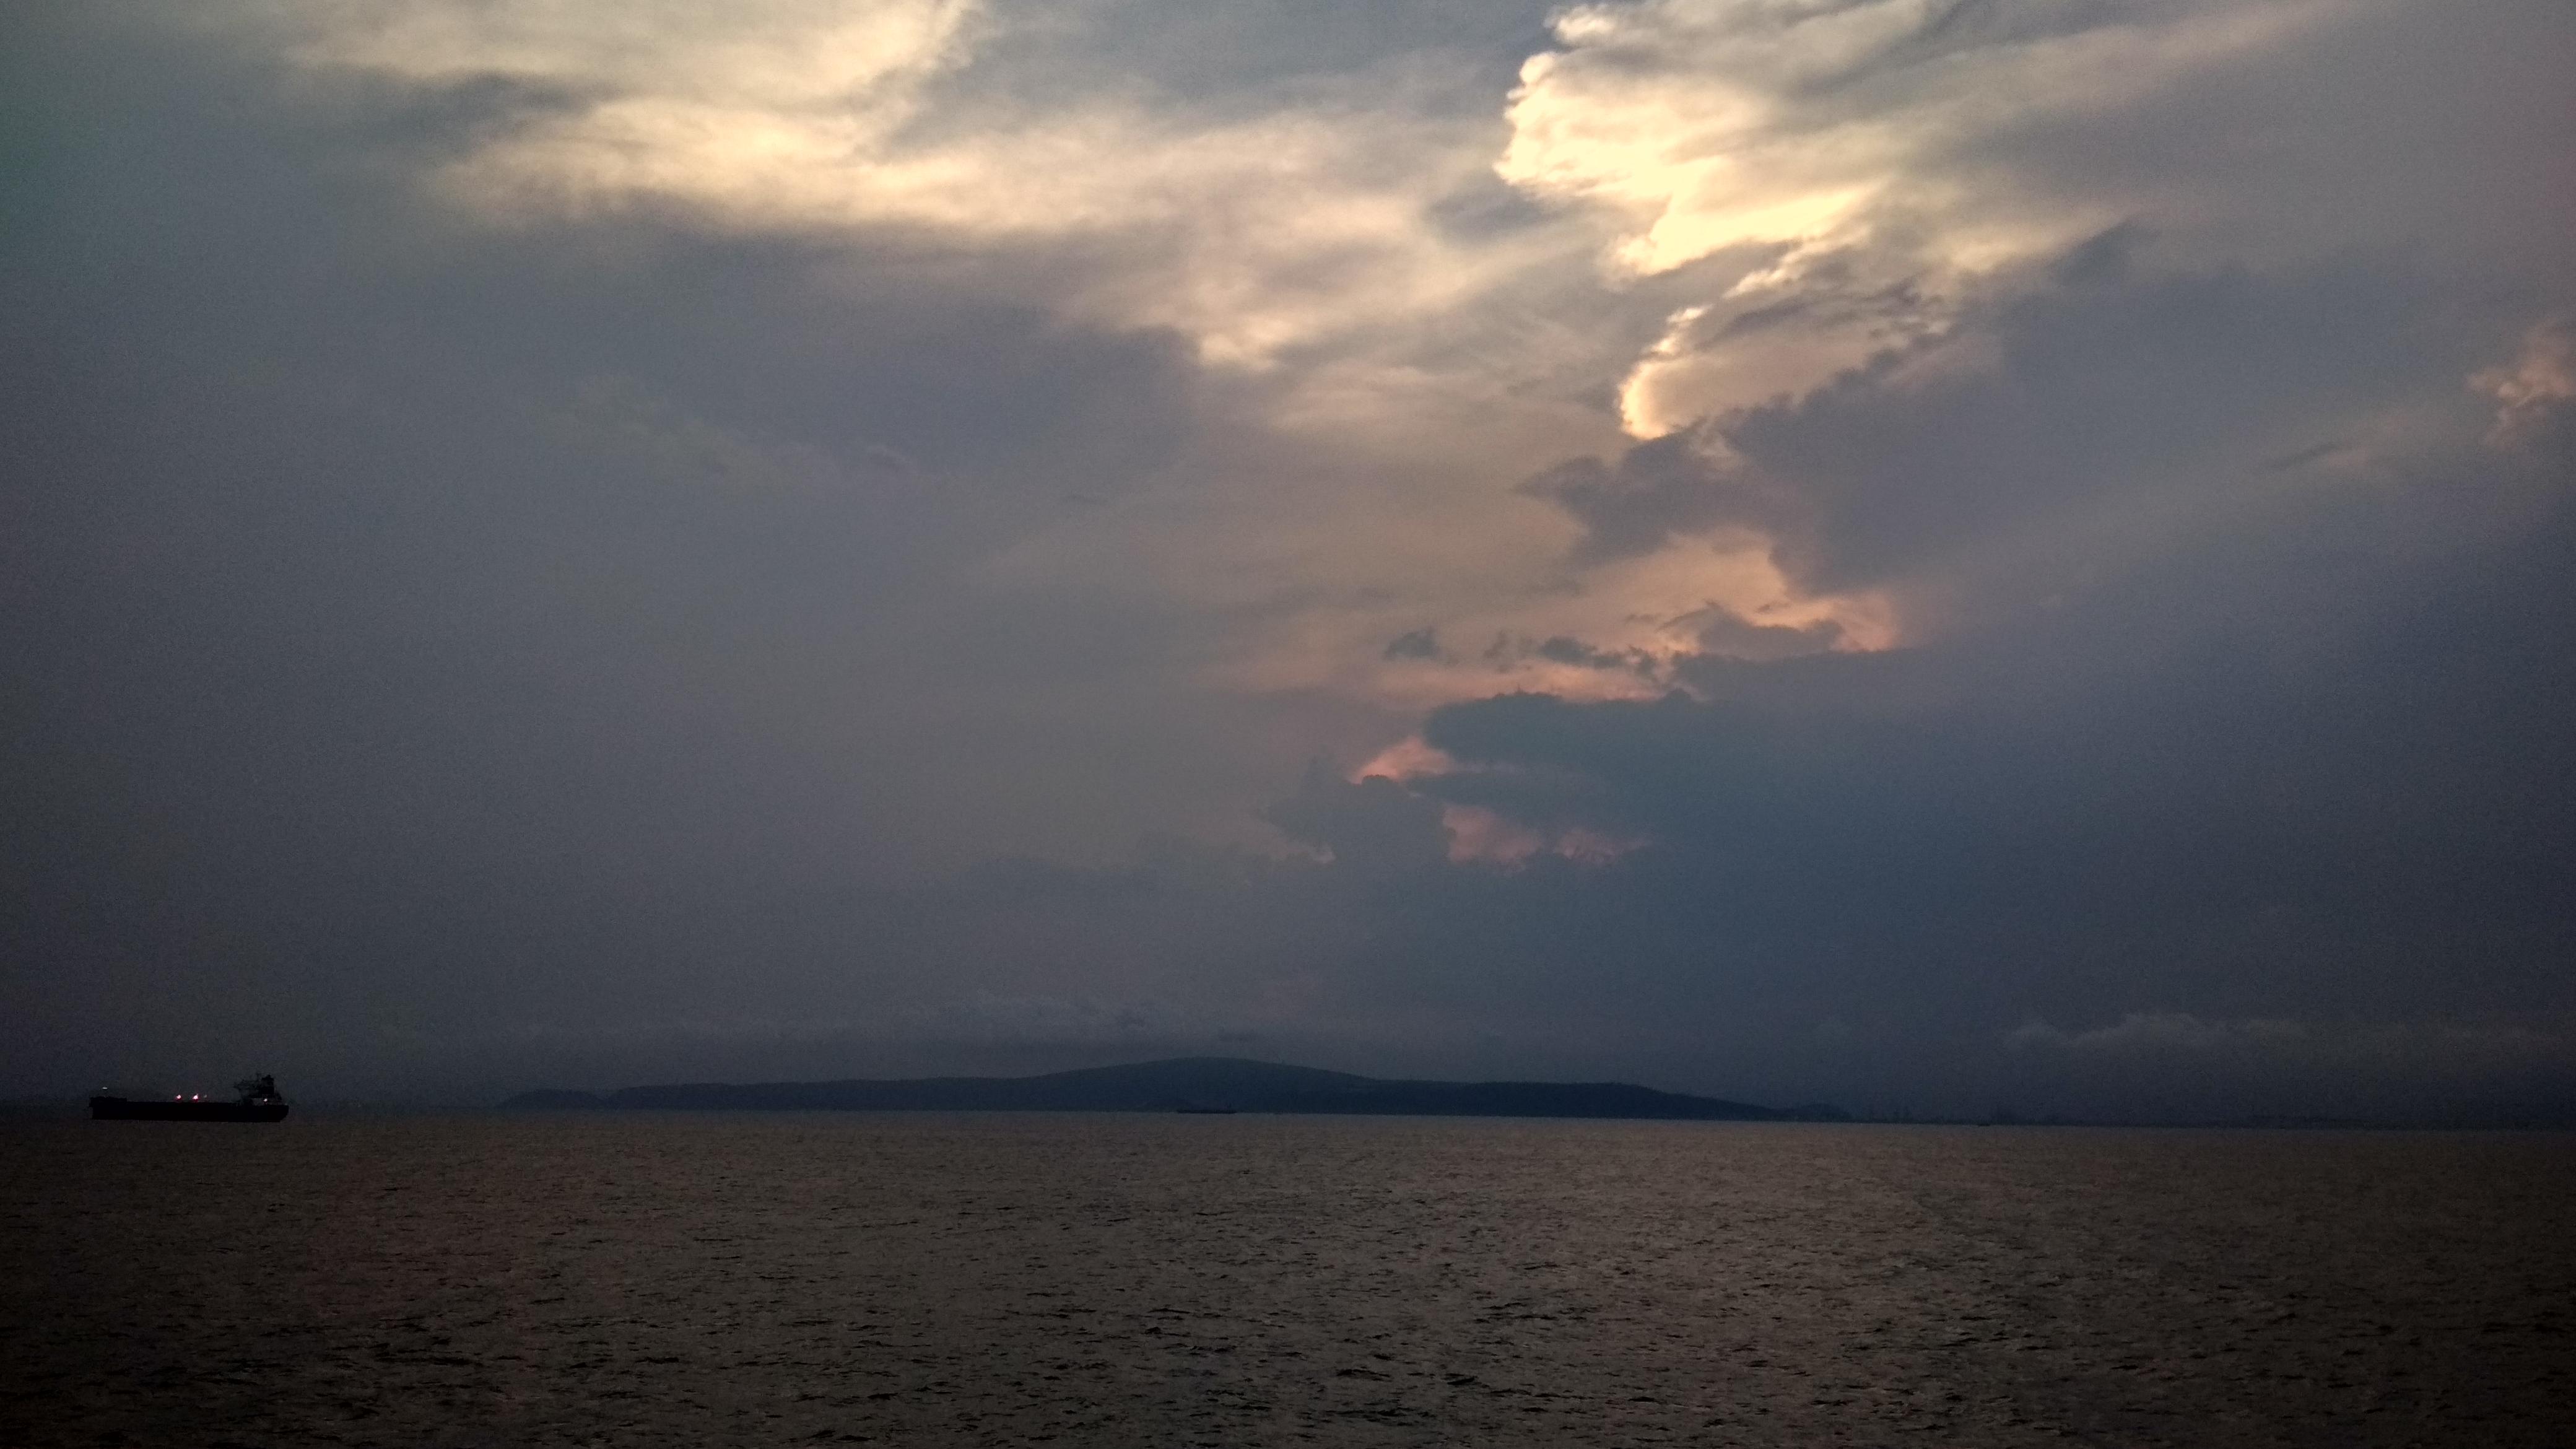 Mariner Lightnening DeepBluesea HillsShipEveningSea